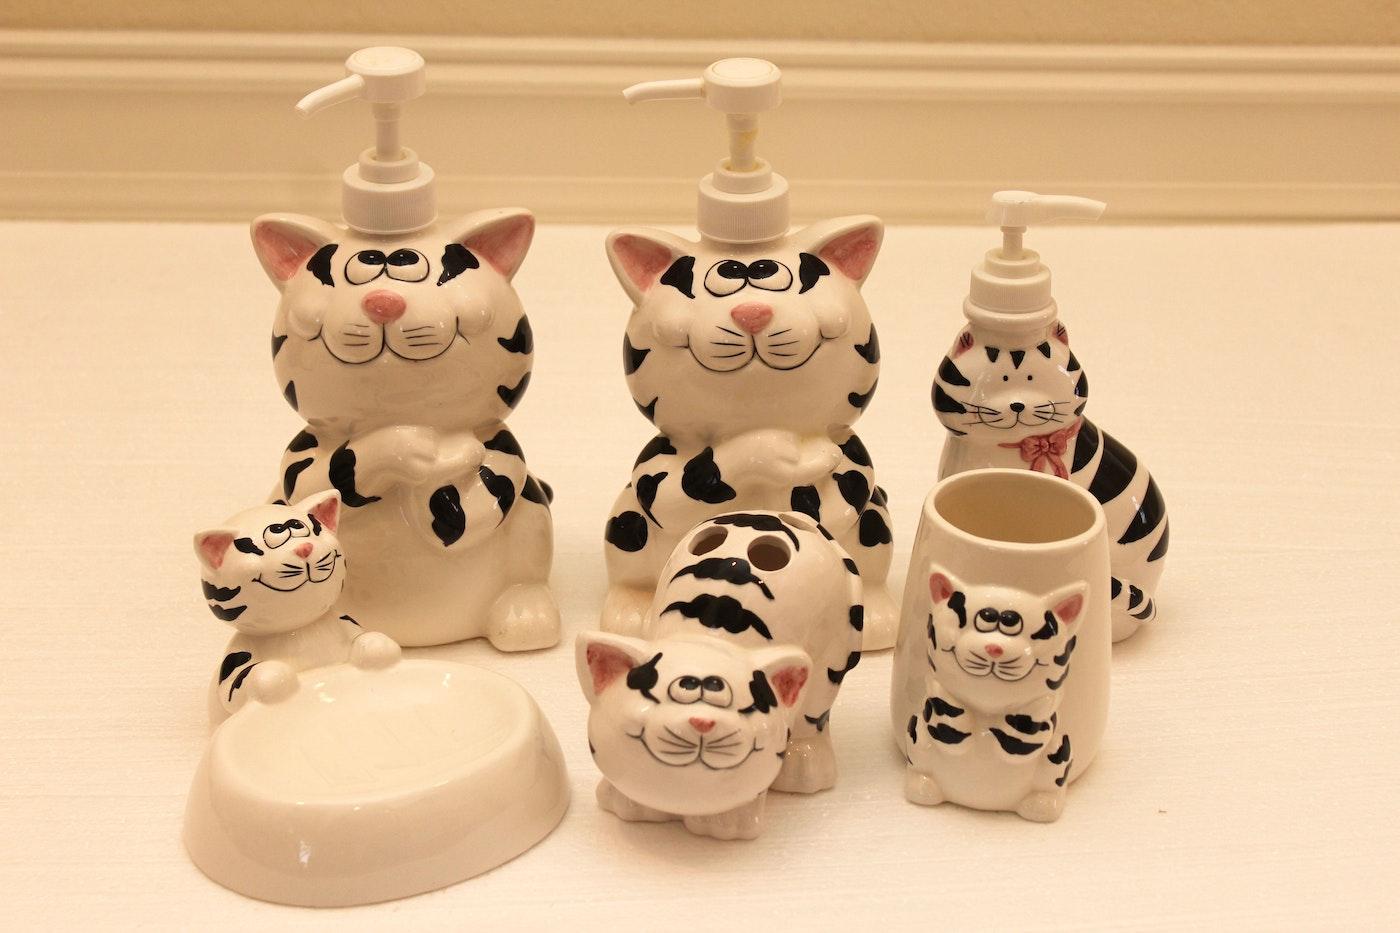 Cat motif ceramic bathroom decor ebth for Bathroom decor items